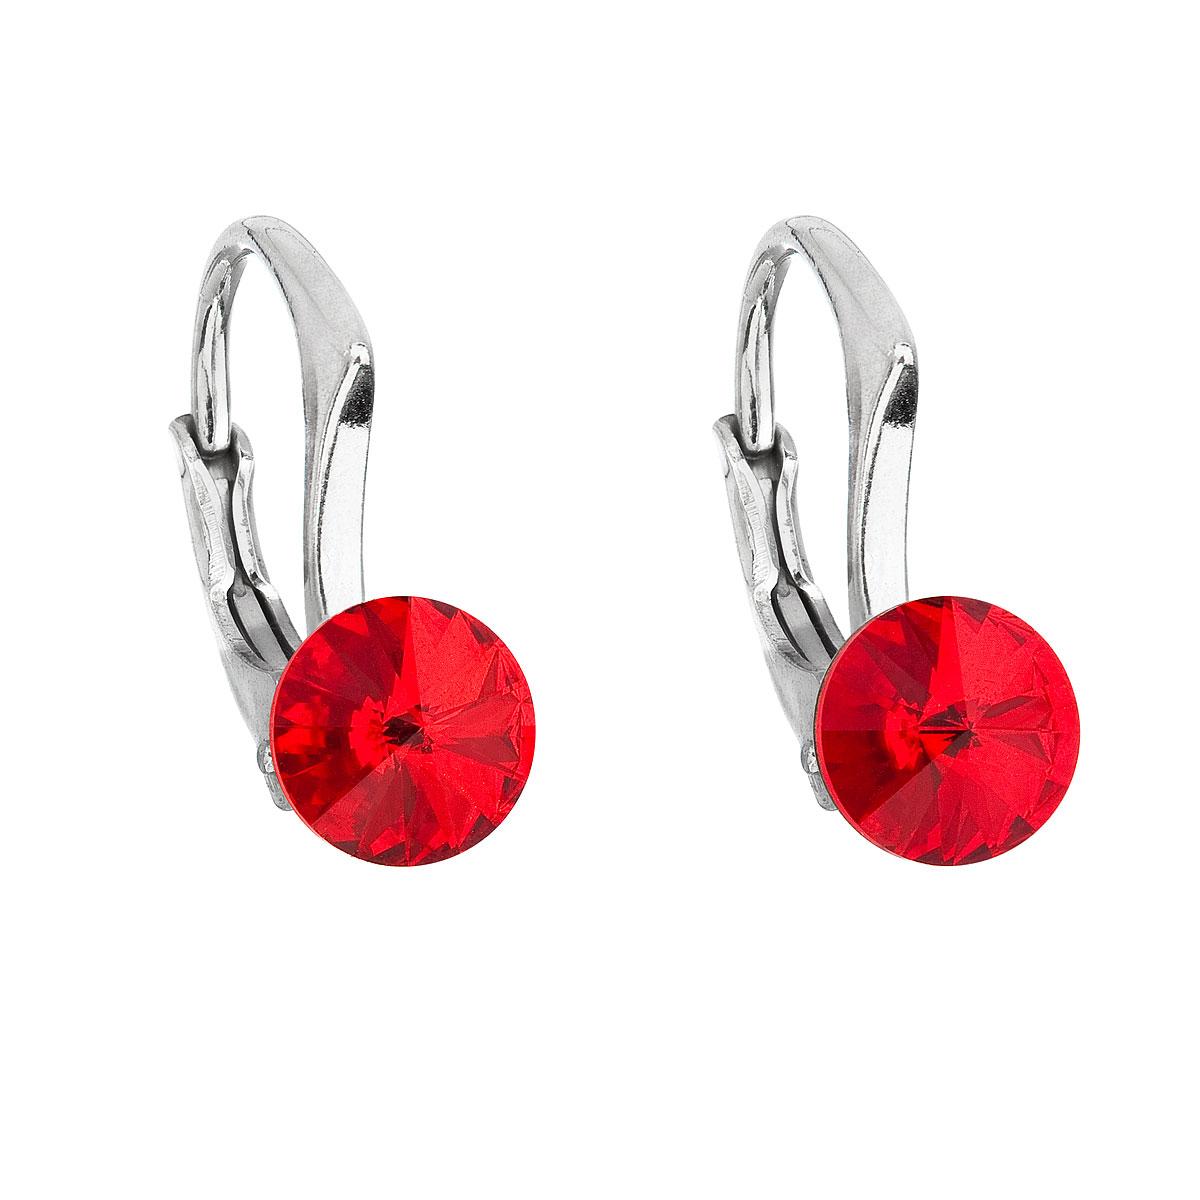 Evolution Group Stříbrné náušnice visací s krystaly Swarovski červené kulaté 31230.3